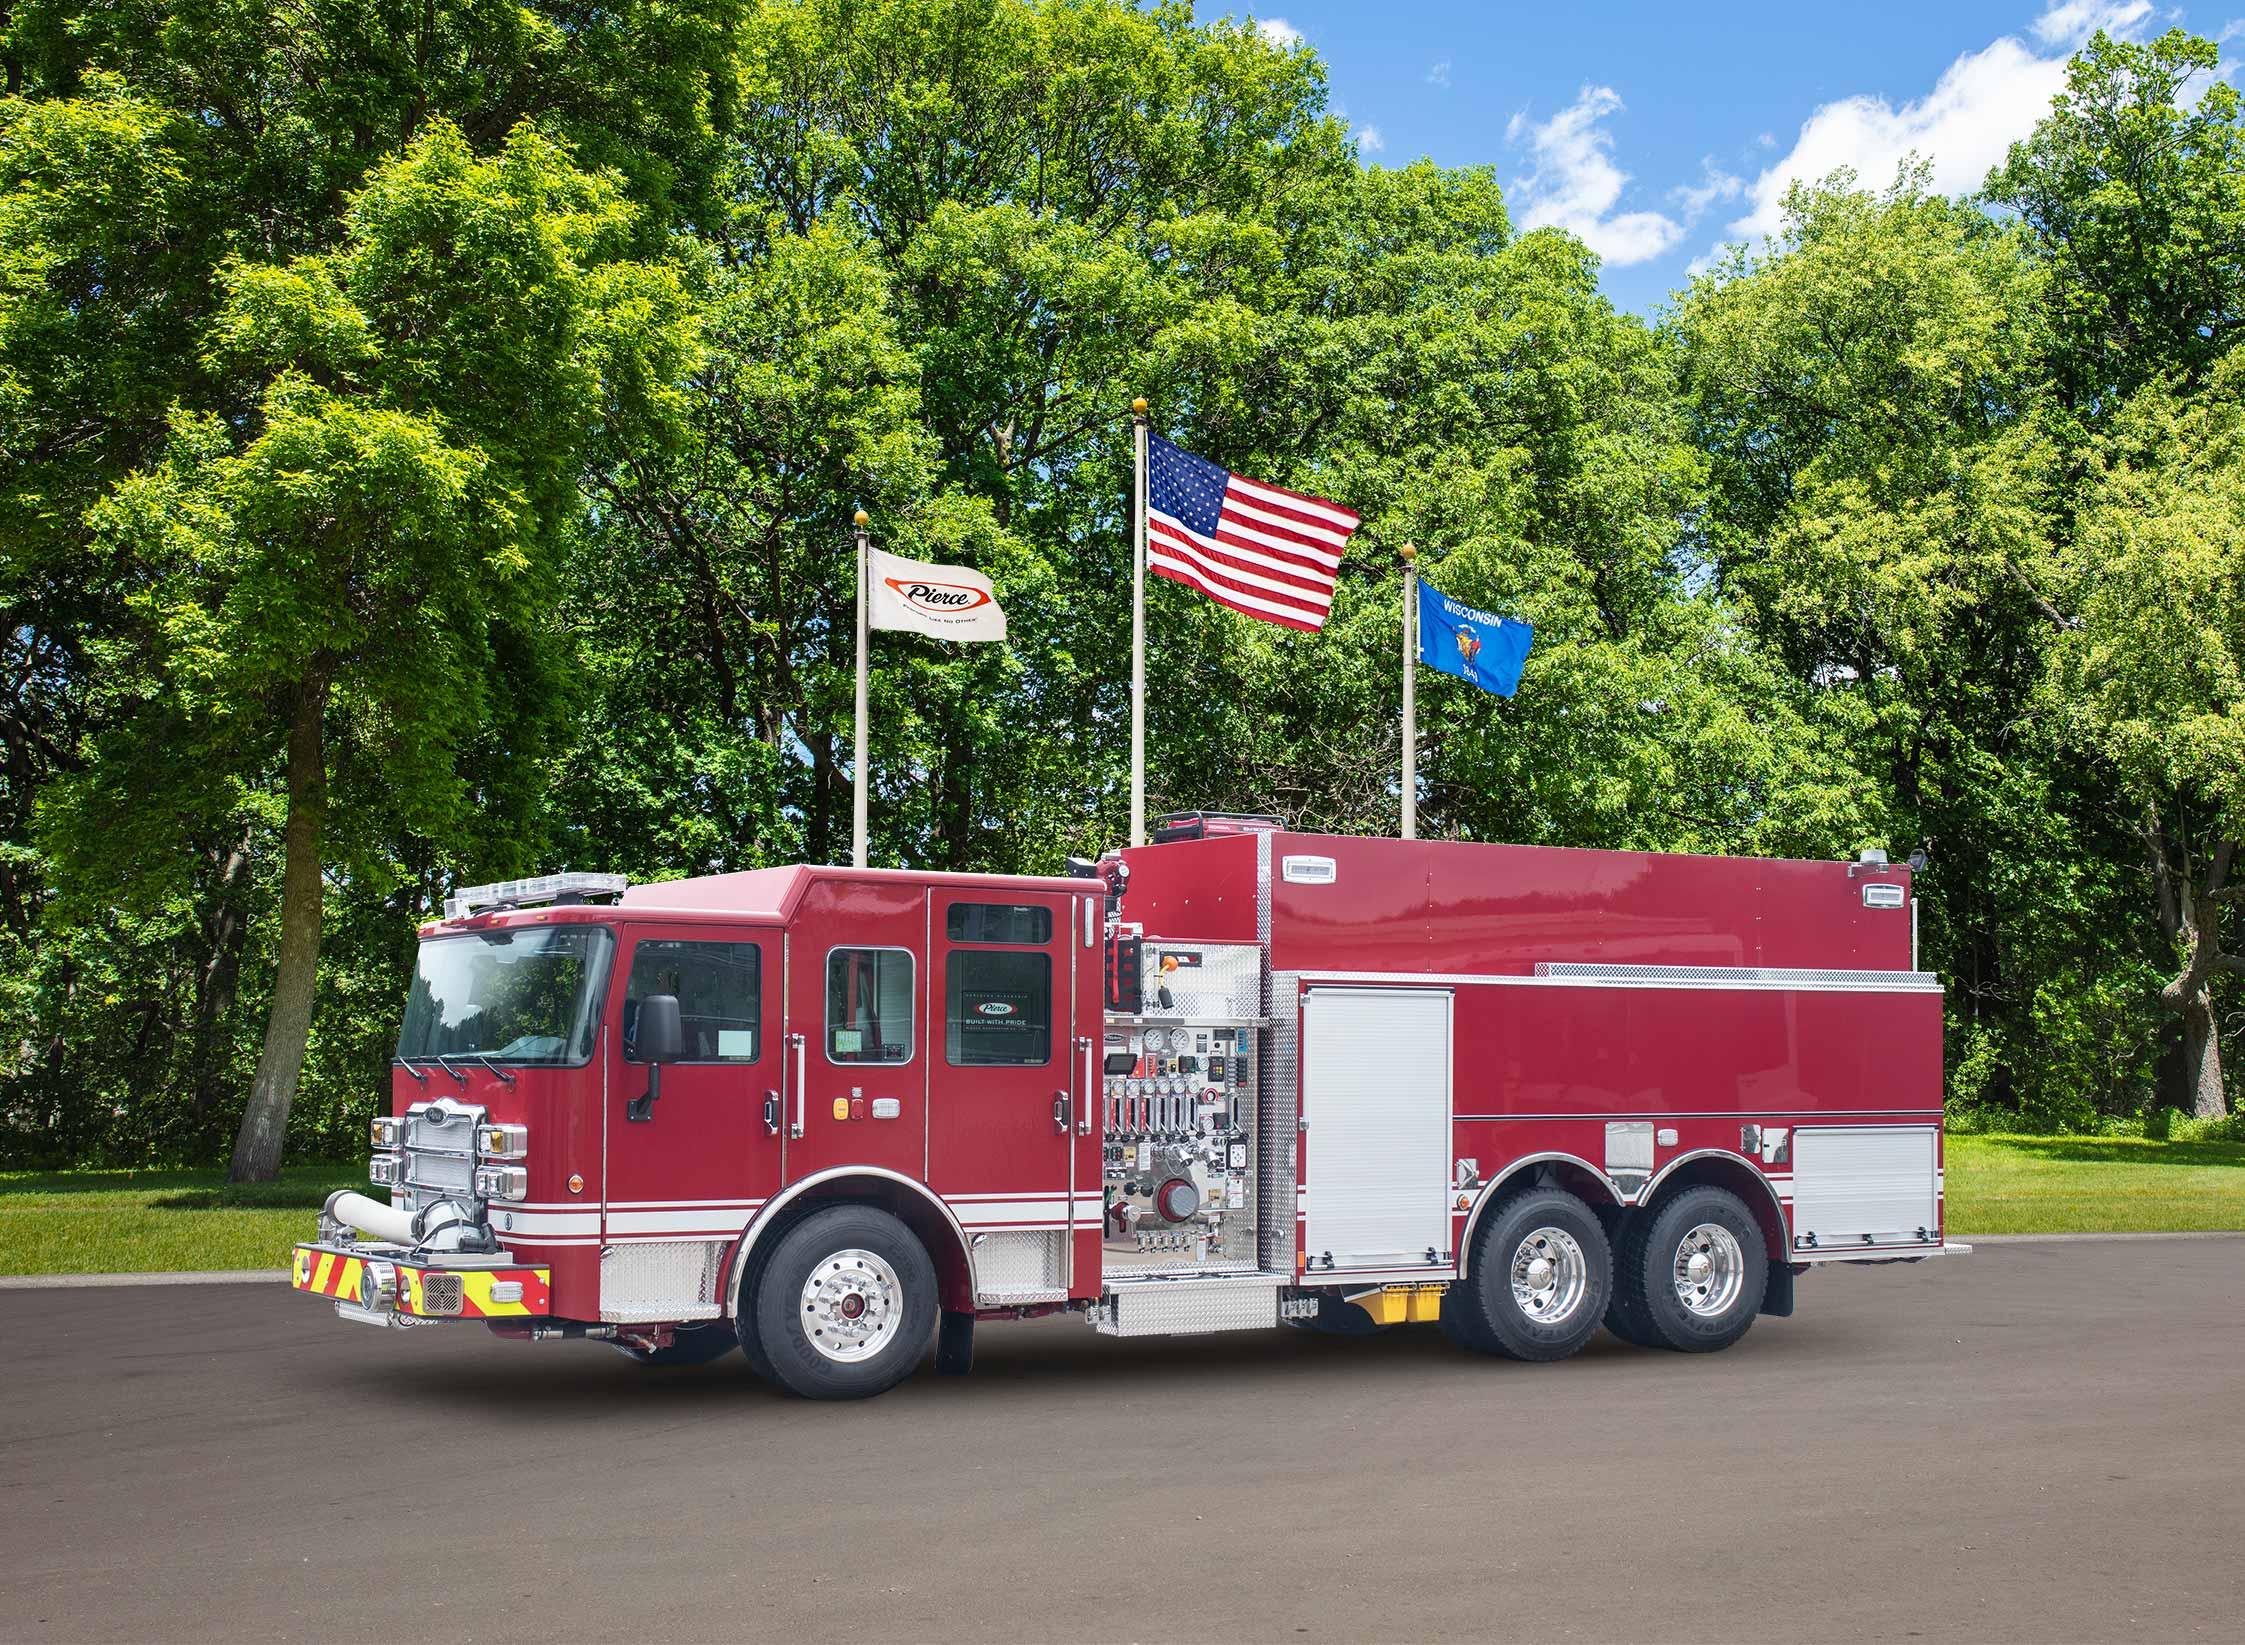 Oakland Township Fire Department - Tanker